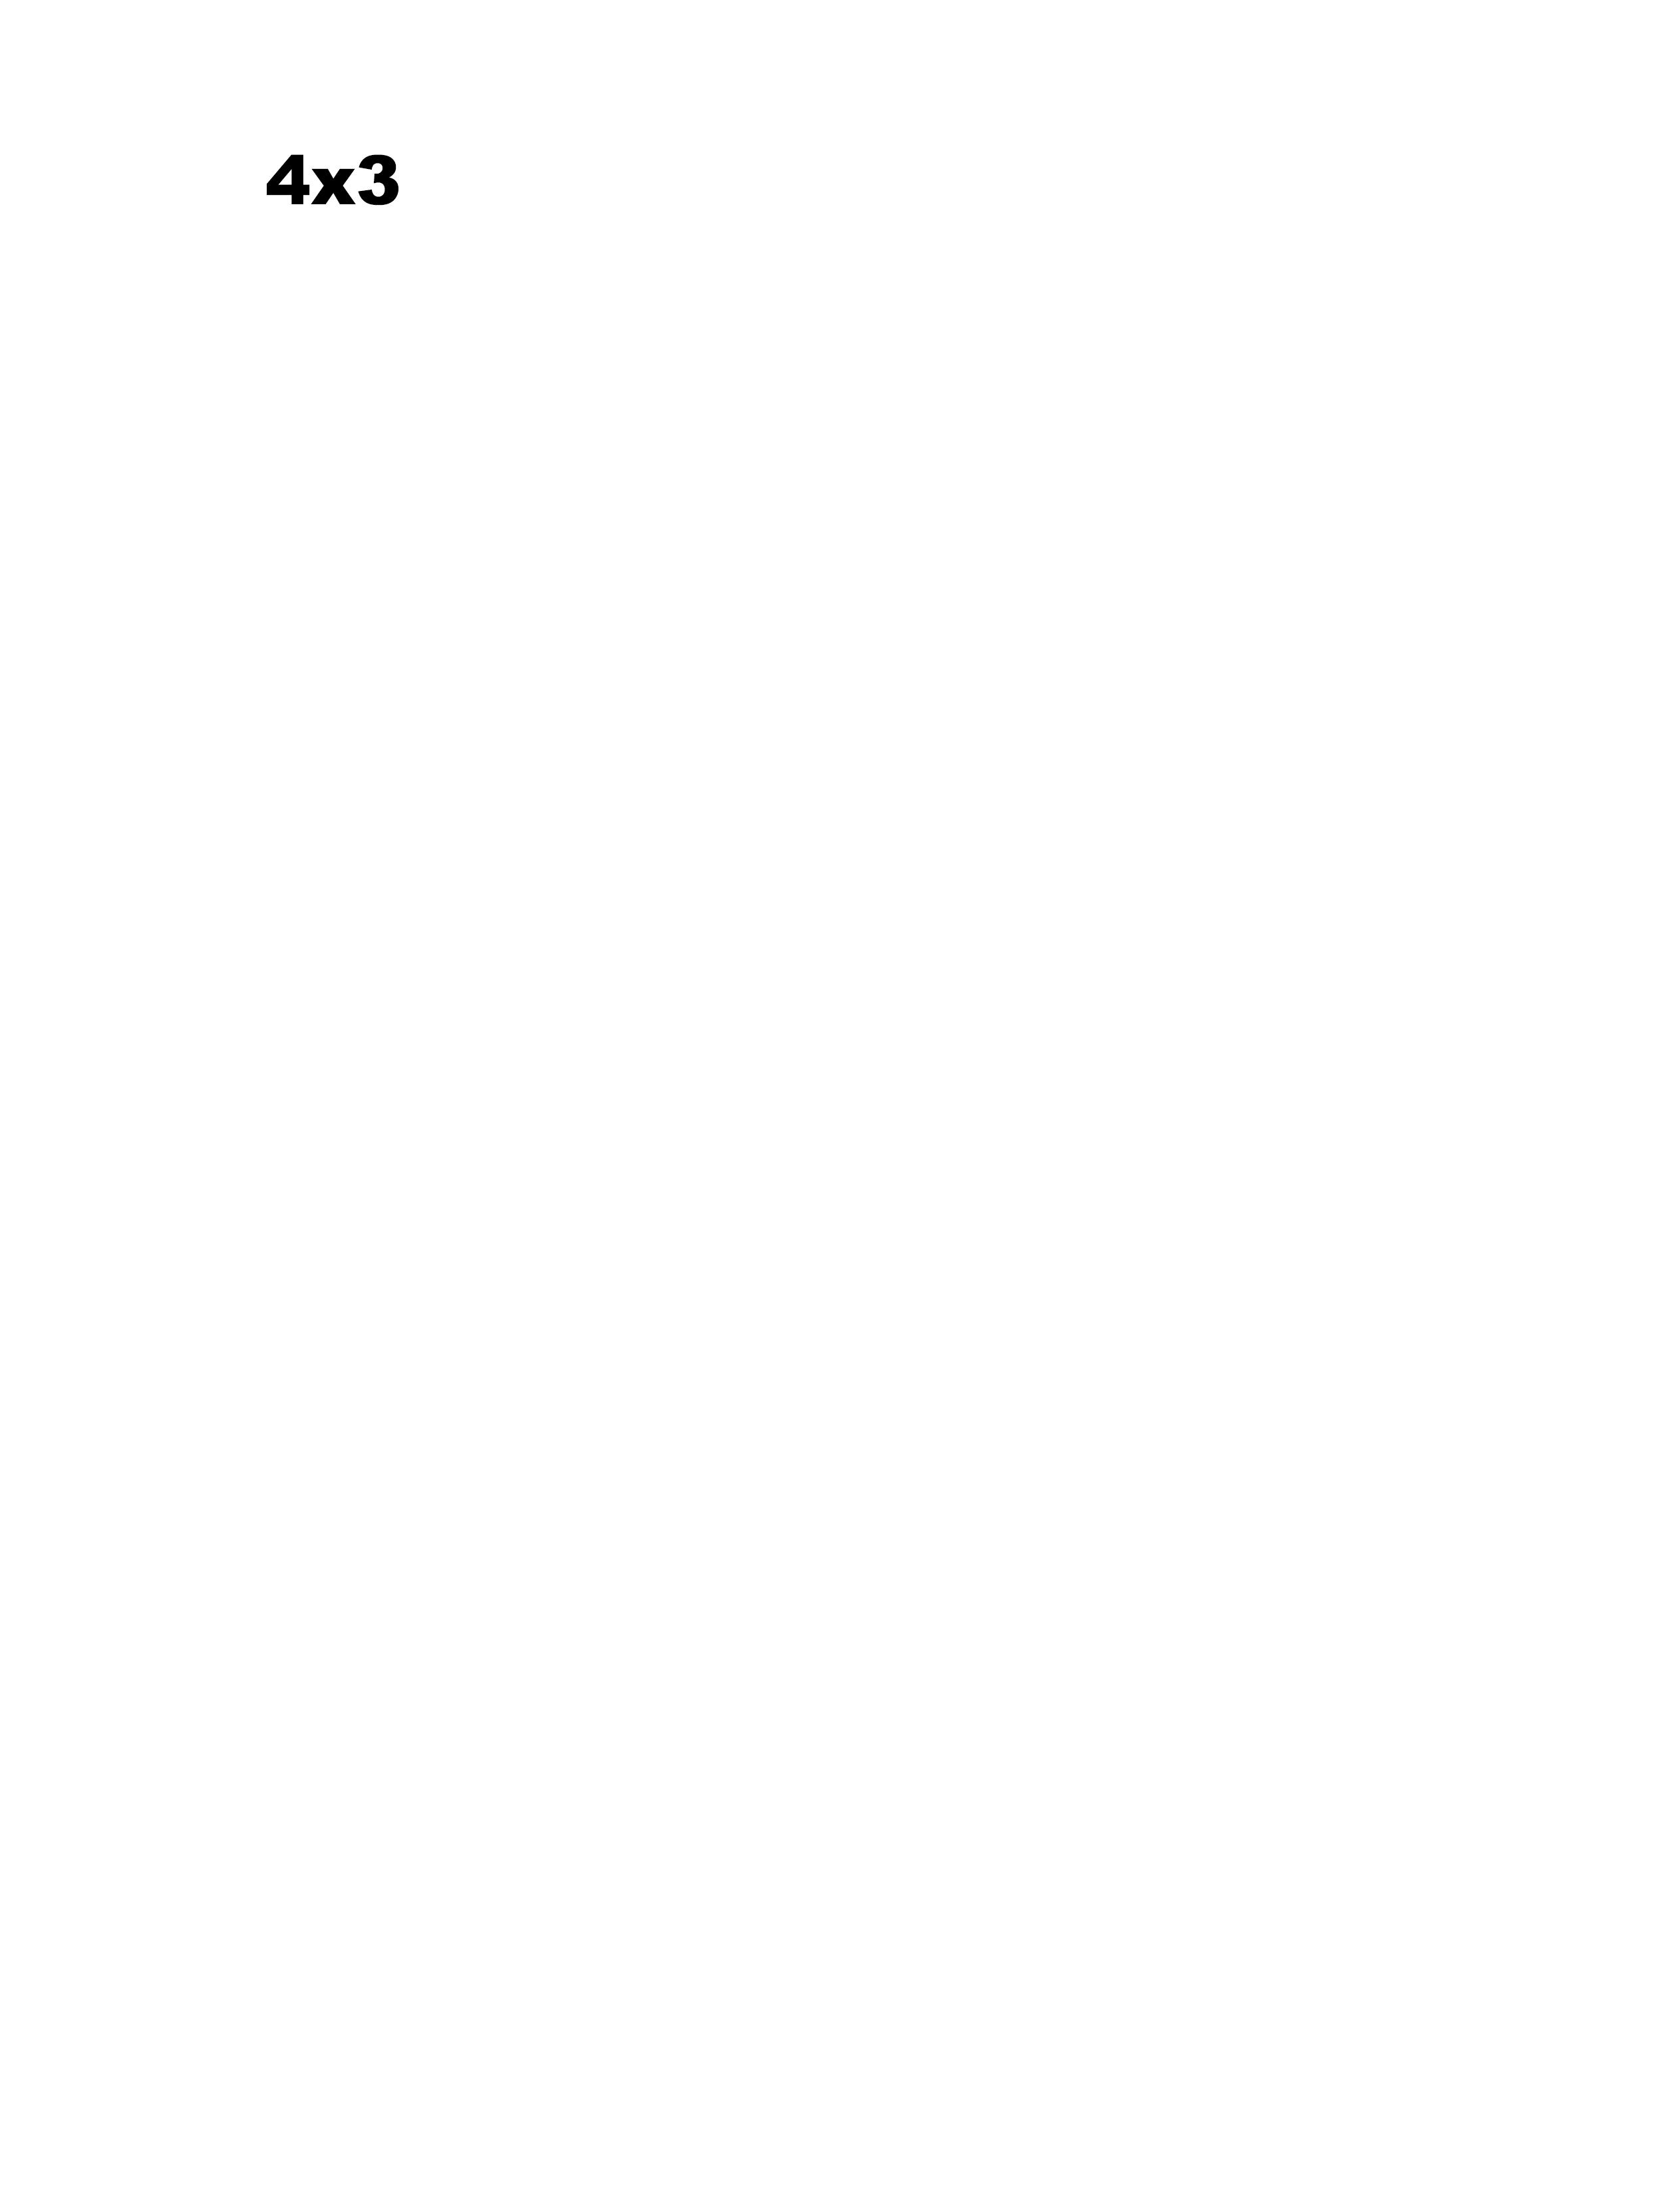 PLCZ_4x3